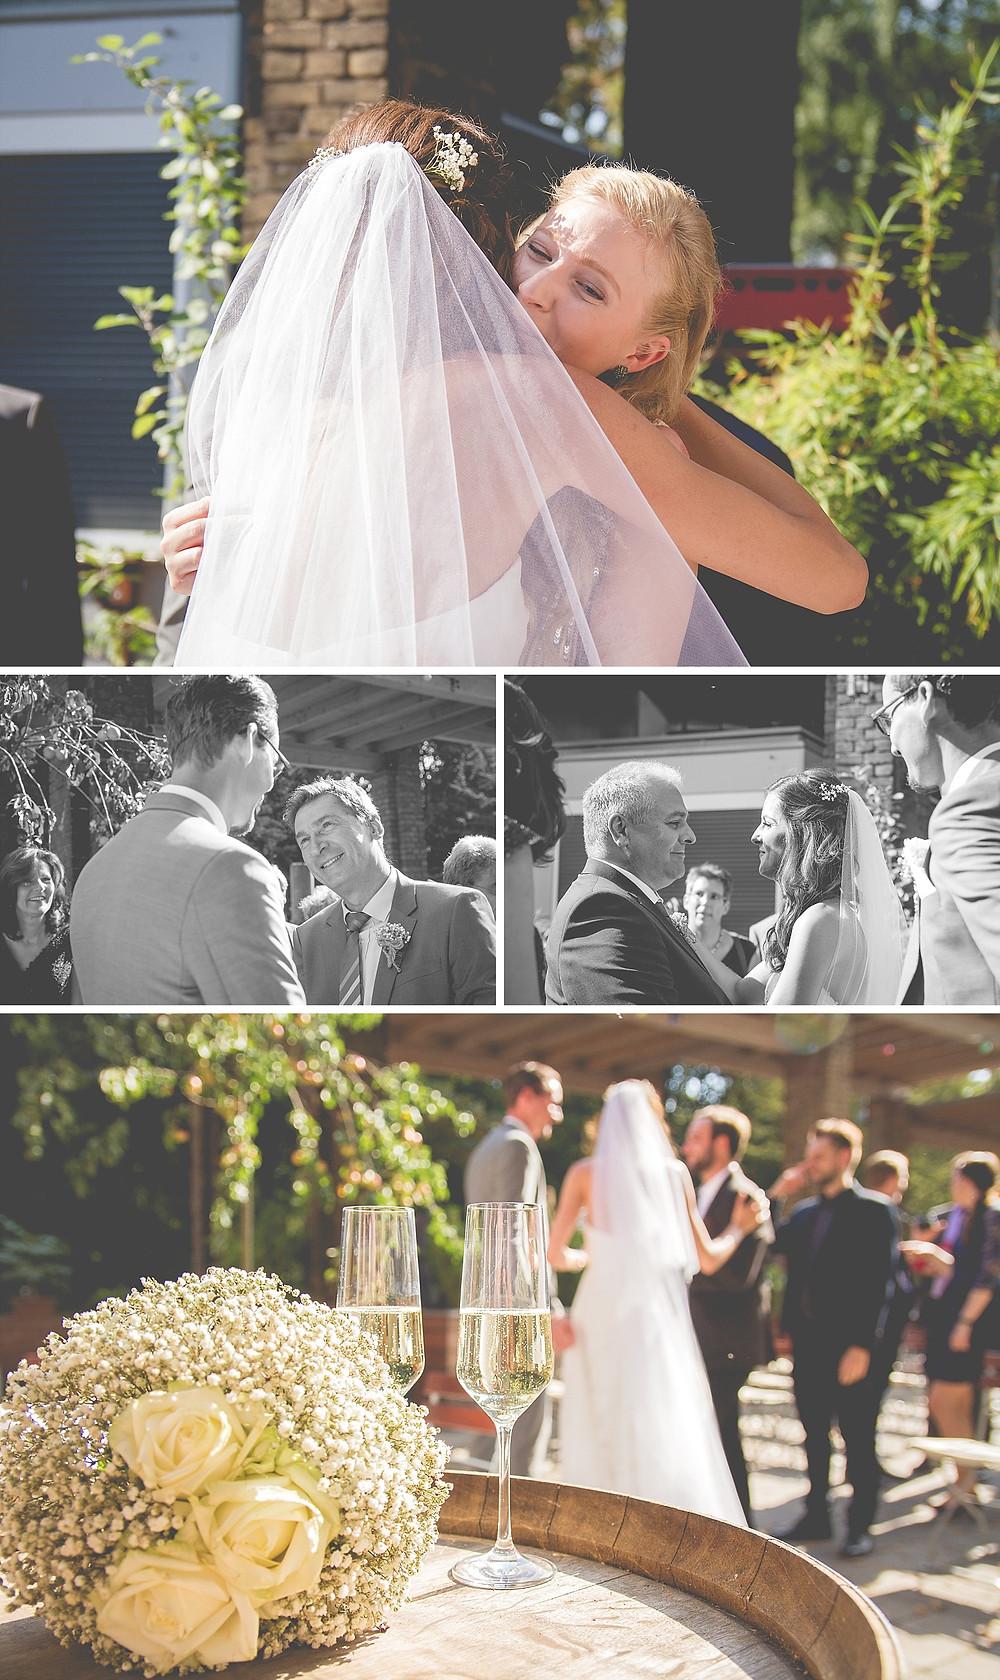 emotionale Momentaufnahmen - Hochzeitsreportage